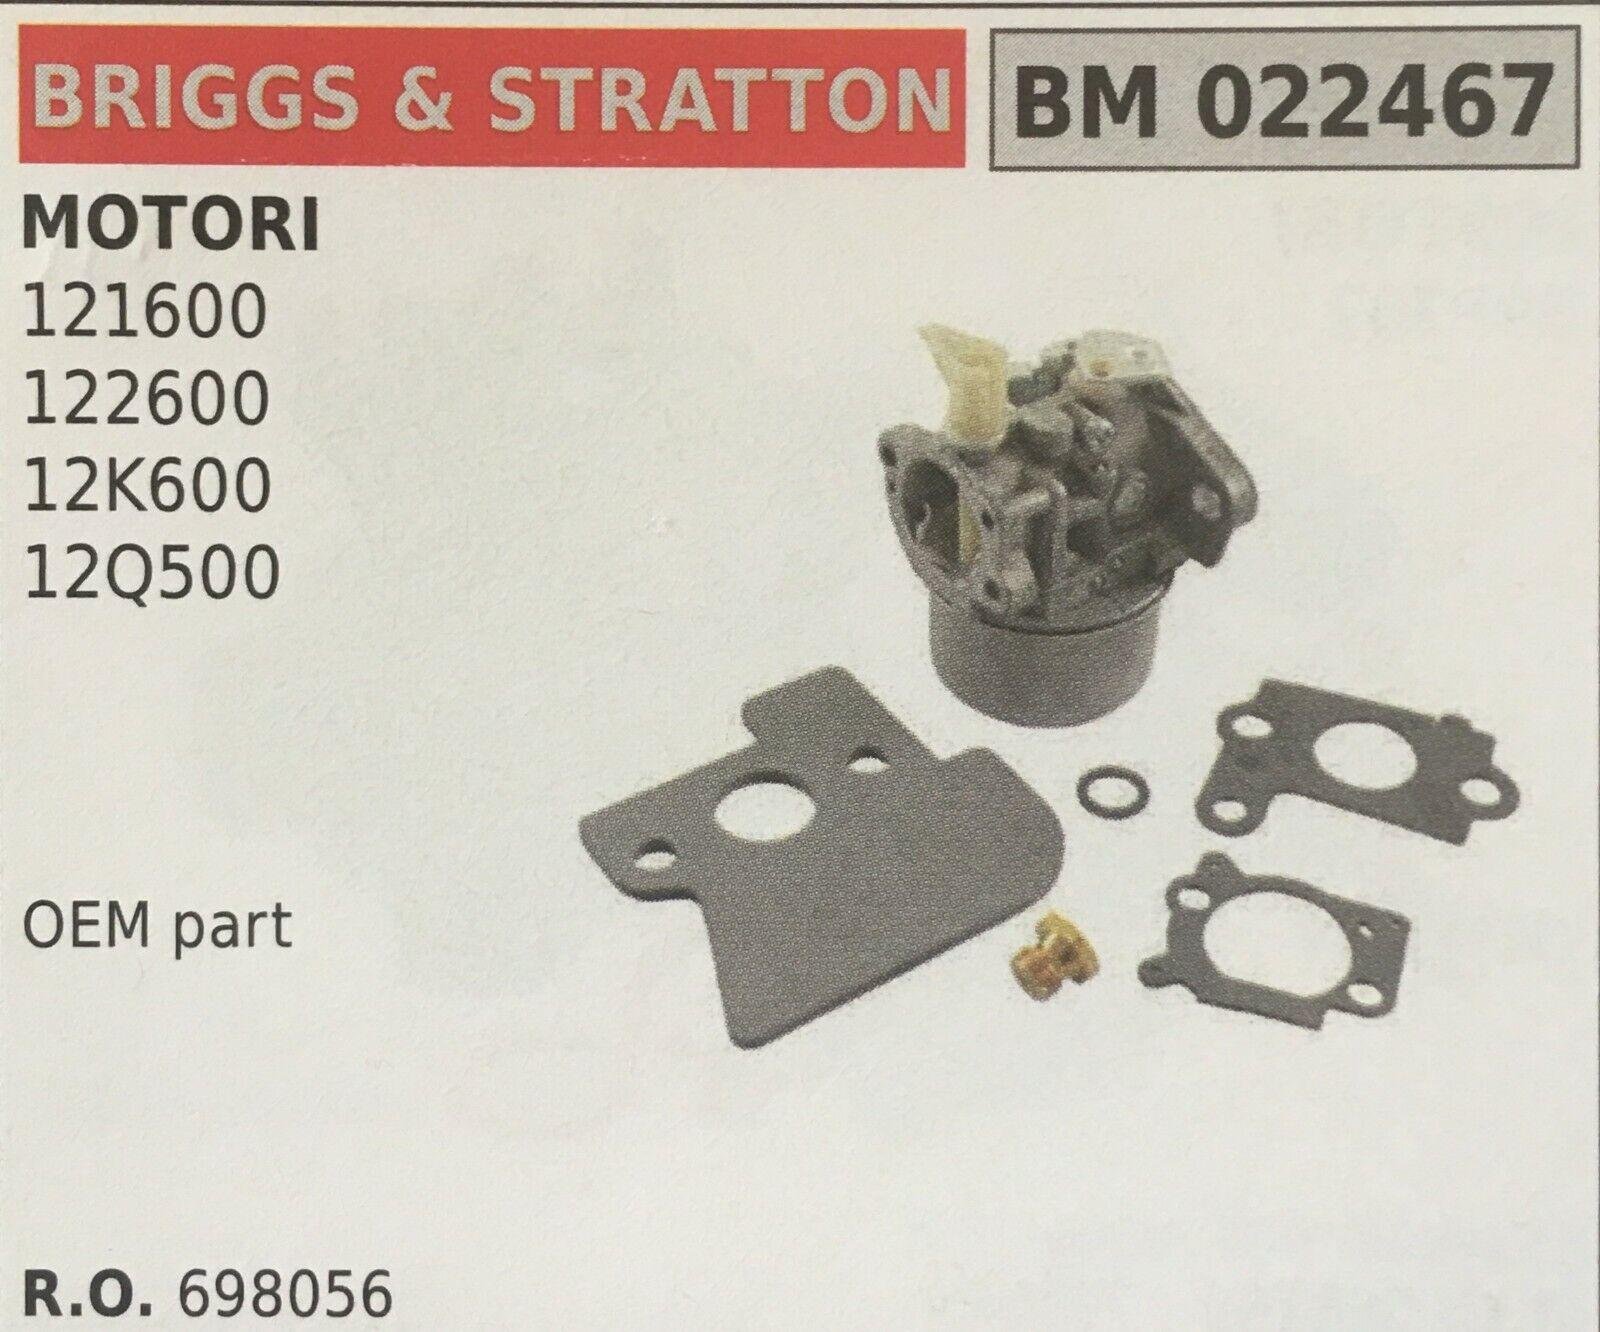 Cocheburador a Tanque Brumar Briggs & Stratton BM022467 Motores 121600 y Otro